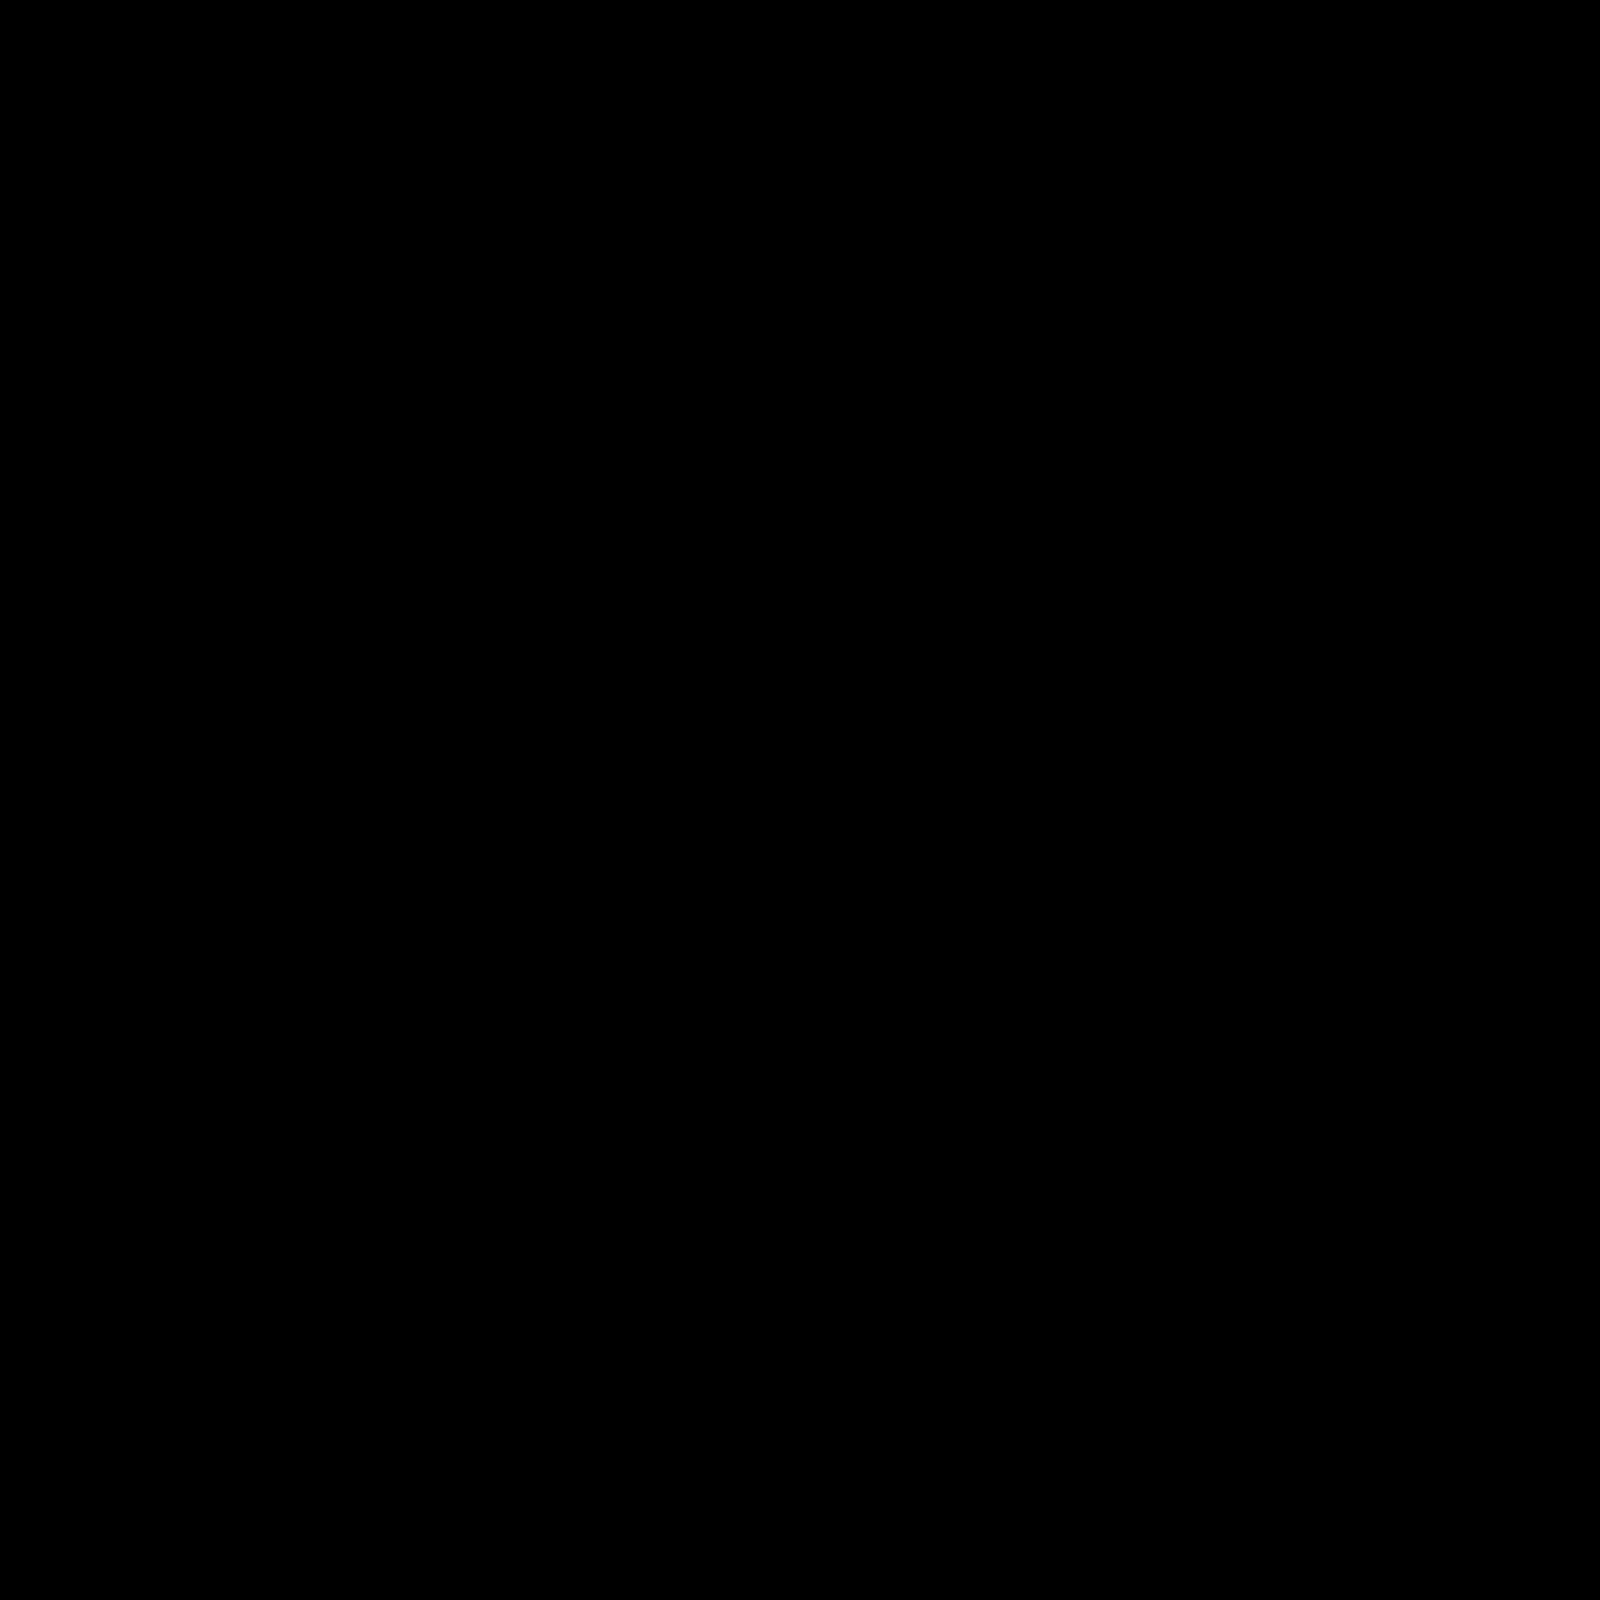 州間高速道路トラック icon. This is an icon depicting an interstate truck. The truck is facing the viewer and has two wheels showing that are small wide rounded rectangles. There is a front window, two rear-view mirrors, and two headlights. There is also a grill and a canopy showing.